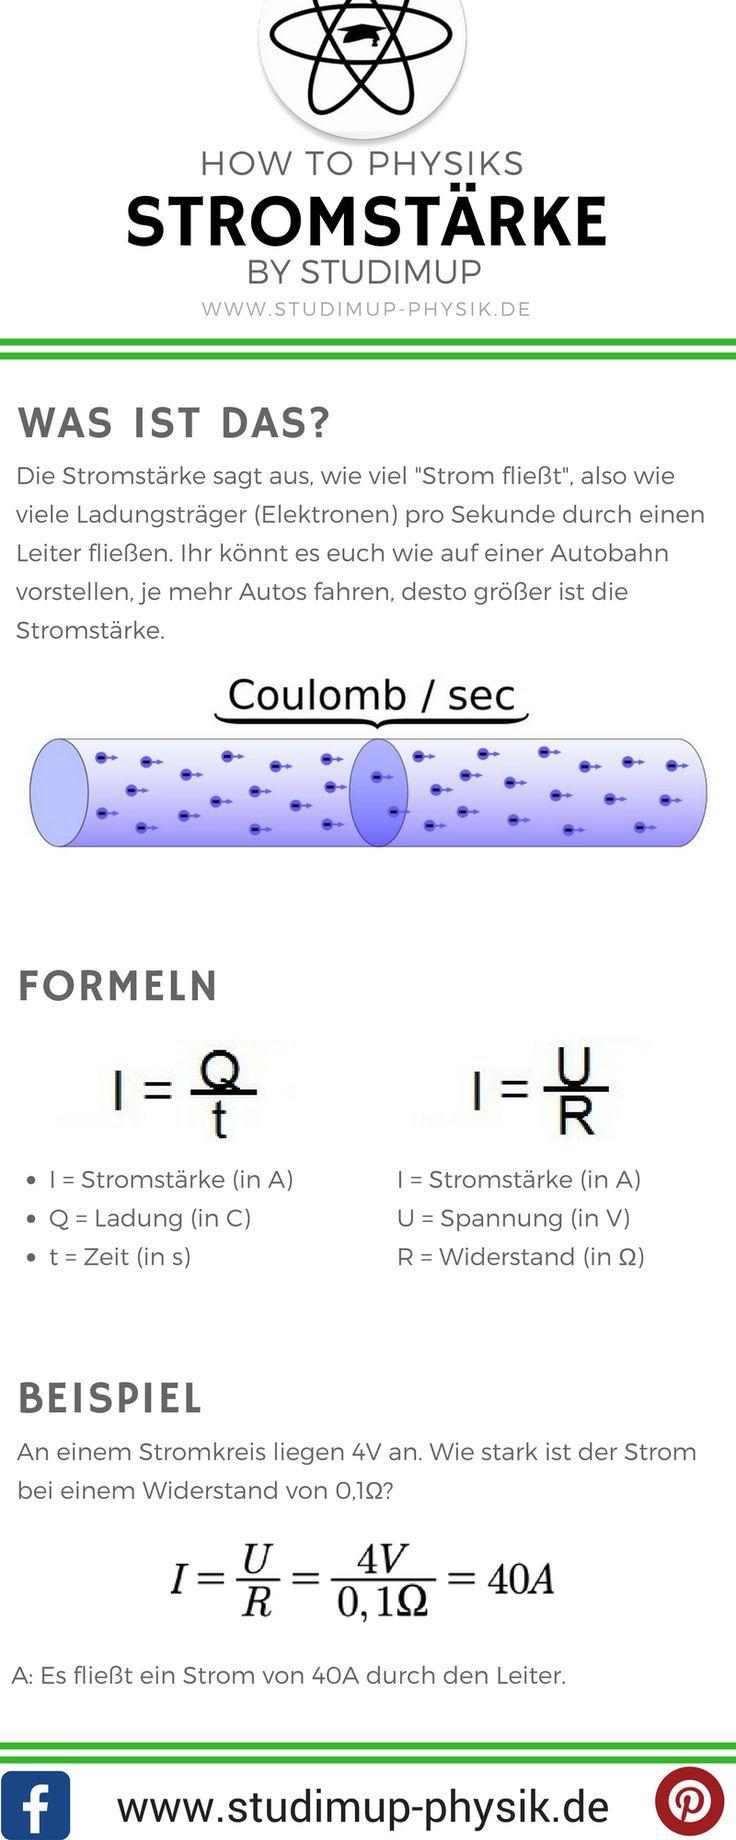 Spickzettel zum lernen der Stromstärke in der Physik. Ampere ist die Einheit der Stromstärke. Mit Formel für die Schule und Beispielaufgabe. – Hannah Platz